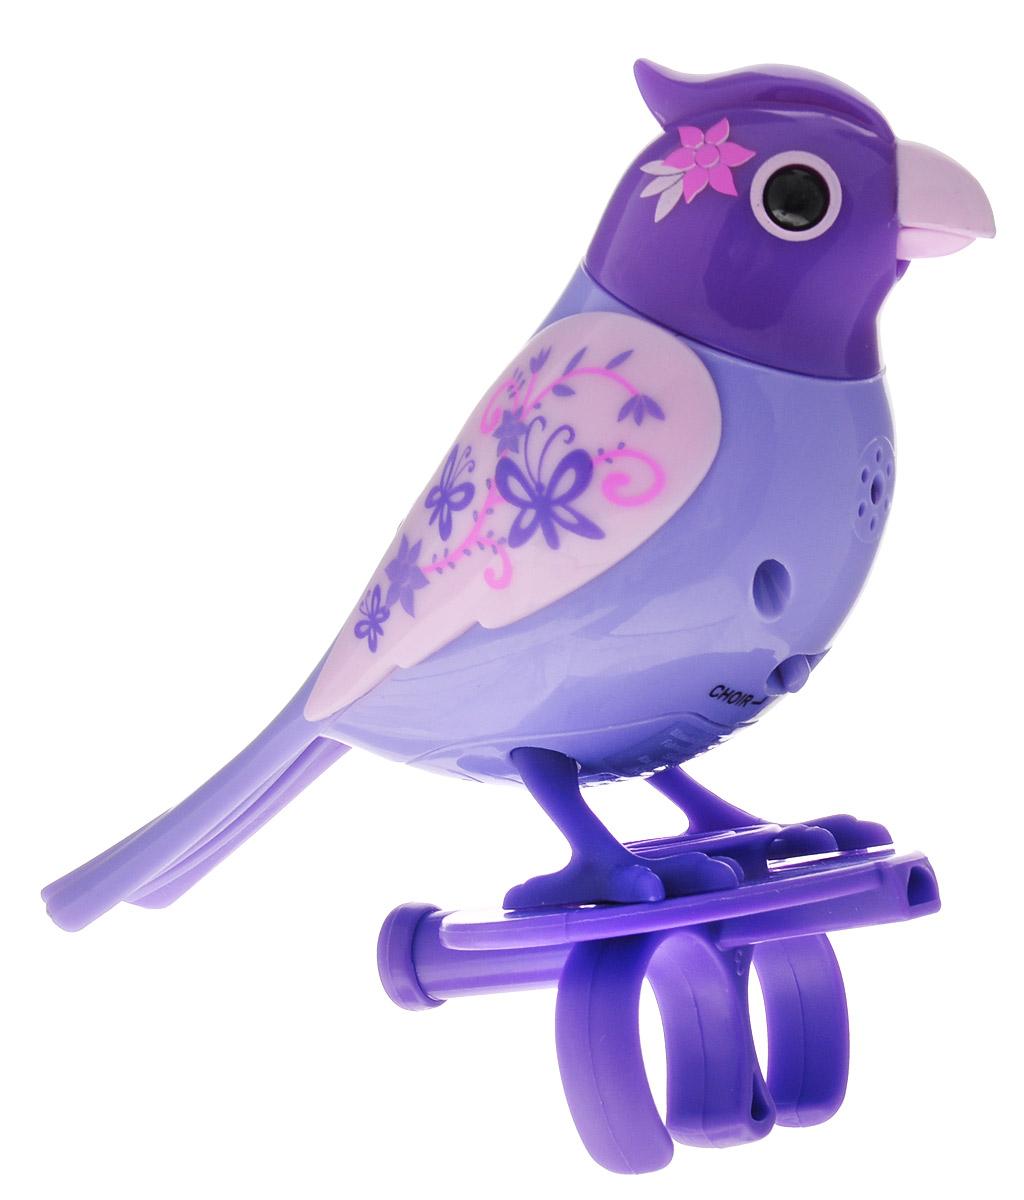 DigiFriends Интерактивная игрушка Птичка с кольцом цвет сиреневый розовый88286_сиреневый,розовыйУ вас есть шанс получить уникального домашнего питомца - поющую птичку. Не каждый может похвастаться этим. Эта умная птичка интерактивная, она будет развлекать вас различными мелодиями, пением и ритмичными движениями. Для активизации птички необходимо подуть на нее. Чтобы активировать режим проигрывания мелодий достаточно посвистеть в свисток, который имеется в комплекте. Игрушка издает 55 вариантов мелодий и звуков. Кольцо-свисток может служить как переносной насест для птички. Ребенок может надеть кольцо на два пальца, закрепить там игрушку и свободно играть или даже бегать. Птичка DigiFriends устойчива на любой ровной поверхности. Игрушка может поворачивать голову и шевелить клювом в такт мелодии. Игрушка работает в двух режимах: соло и хор. Можно синхронизировать неограниченное количество птичек или других персонажей DigiFriends. Главным в хоре становится персонаж, которого первого включили. Необходимо размещать DigiFriends на расстоянии не более 15 см от главной...